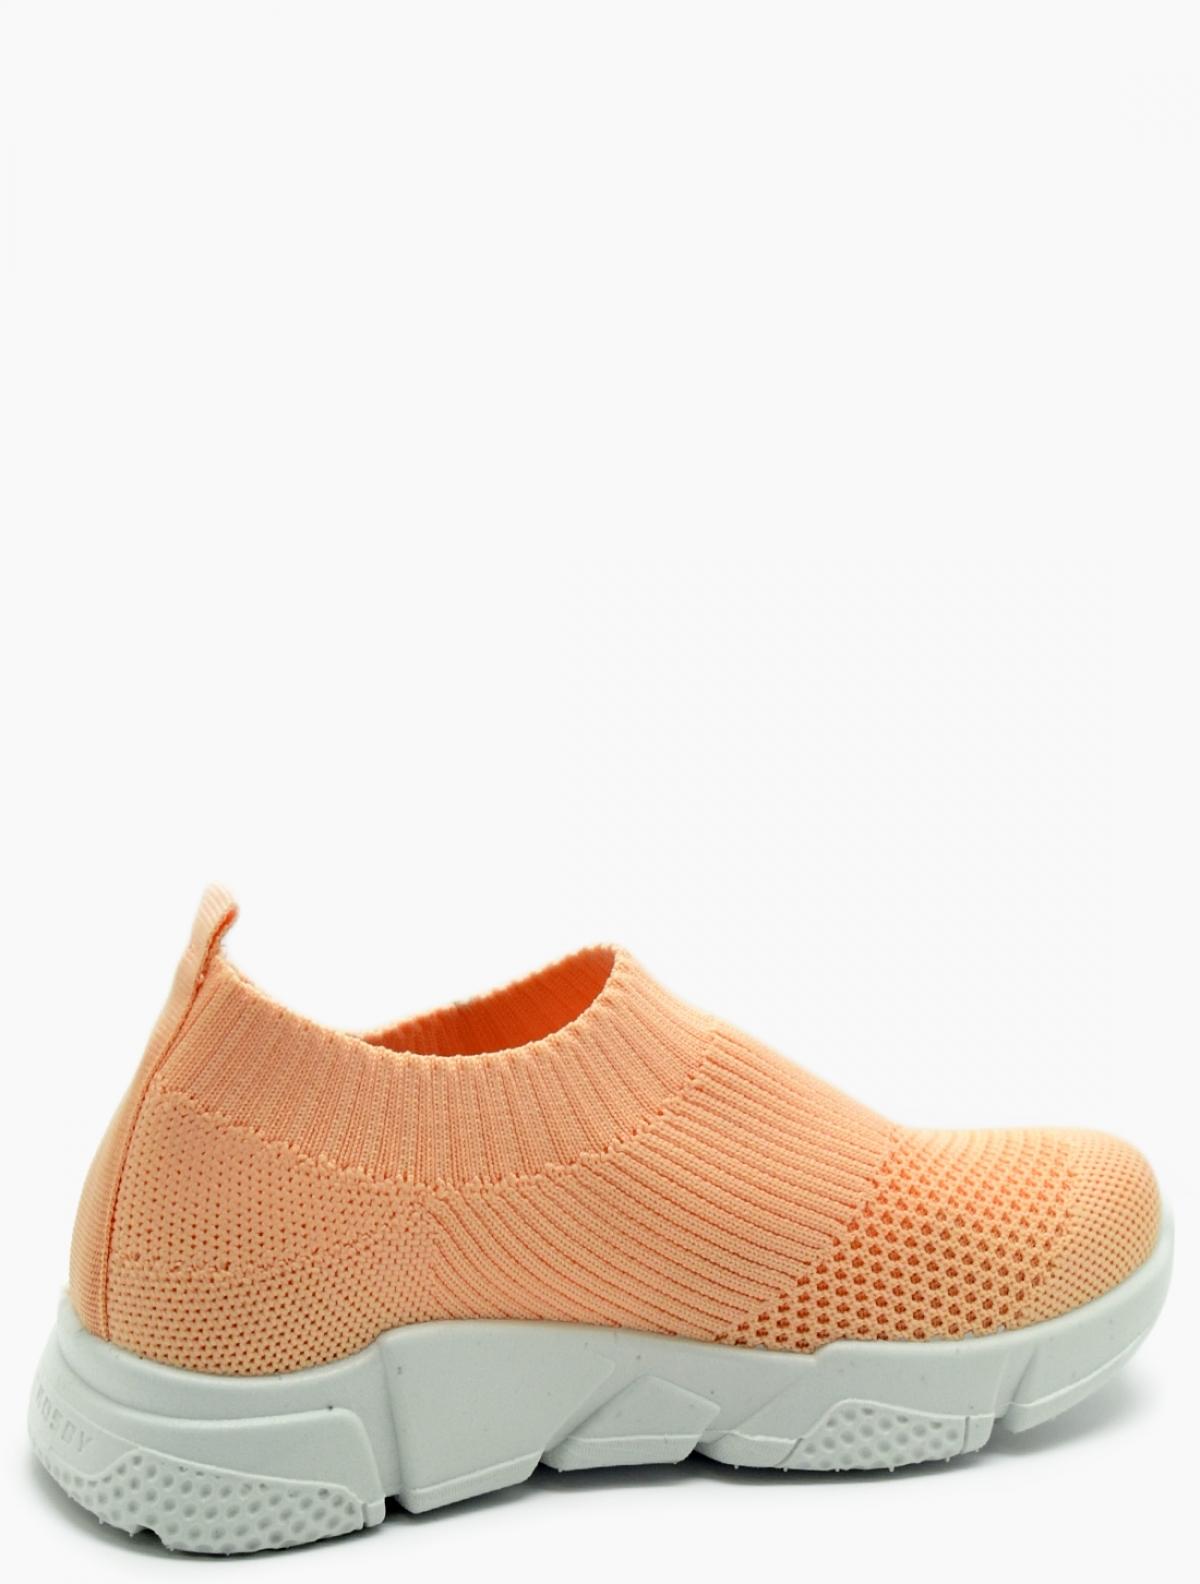 CROSBY 297182/01-06 женские кроссовки